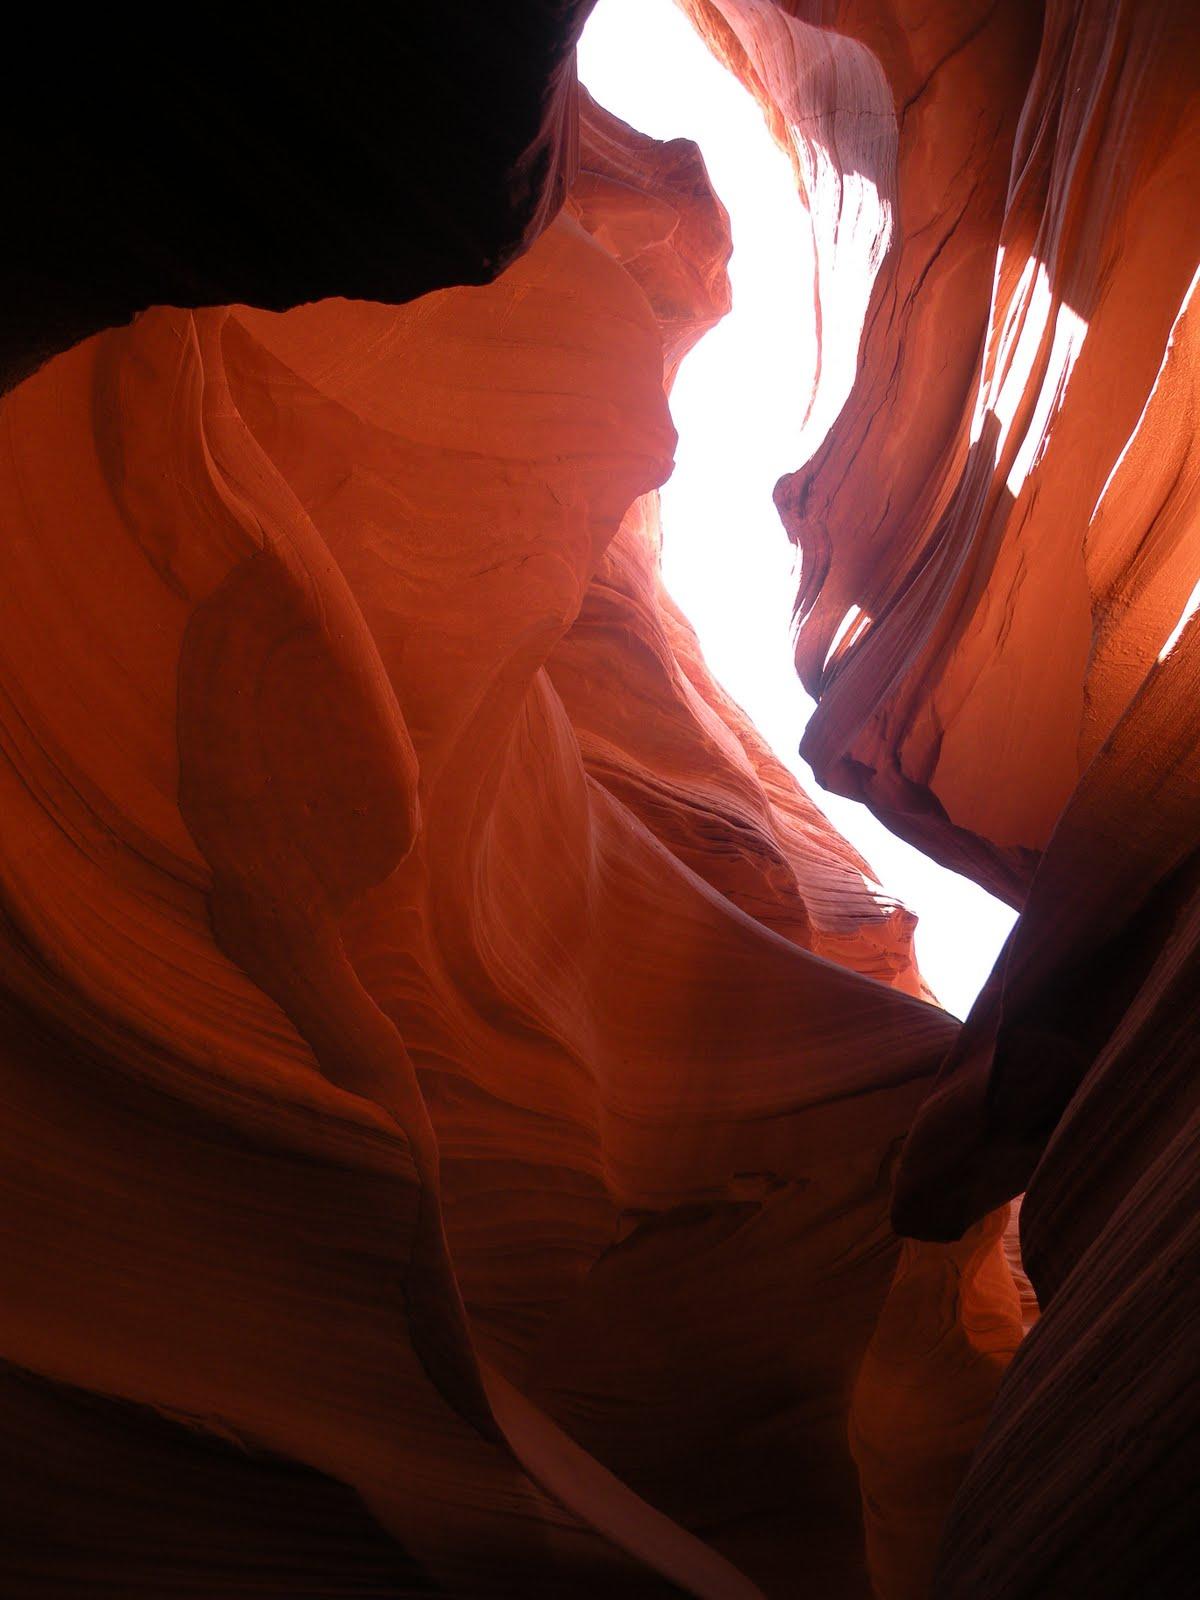 http://1.bp.blogspot.com/_IFV8EHU59sg/S7AHwbqRt7I/AAAAAAAAFKc/1Le7xLlg9qE/s1600/Arizona+169.JPG